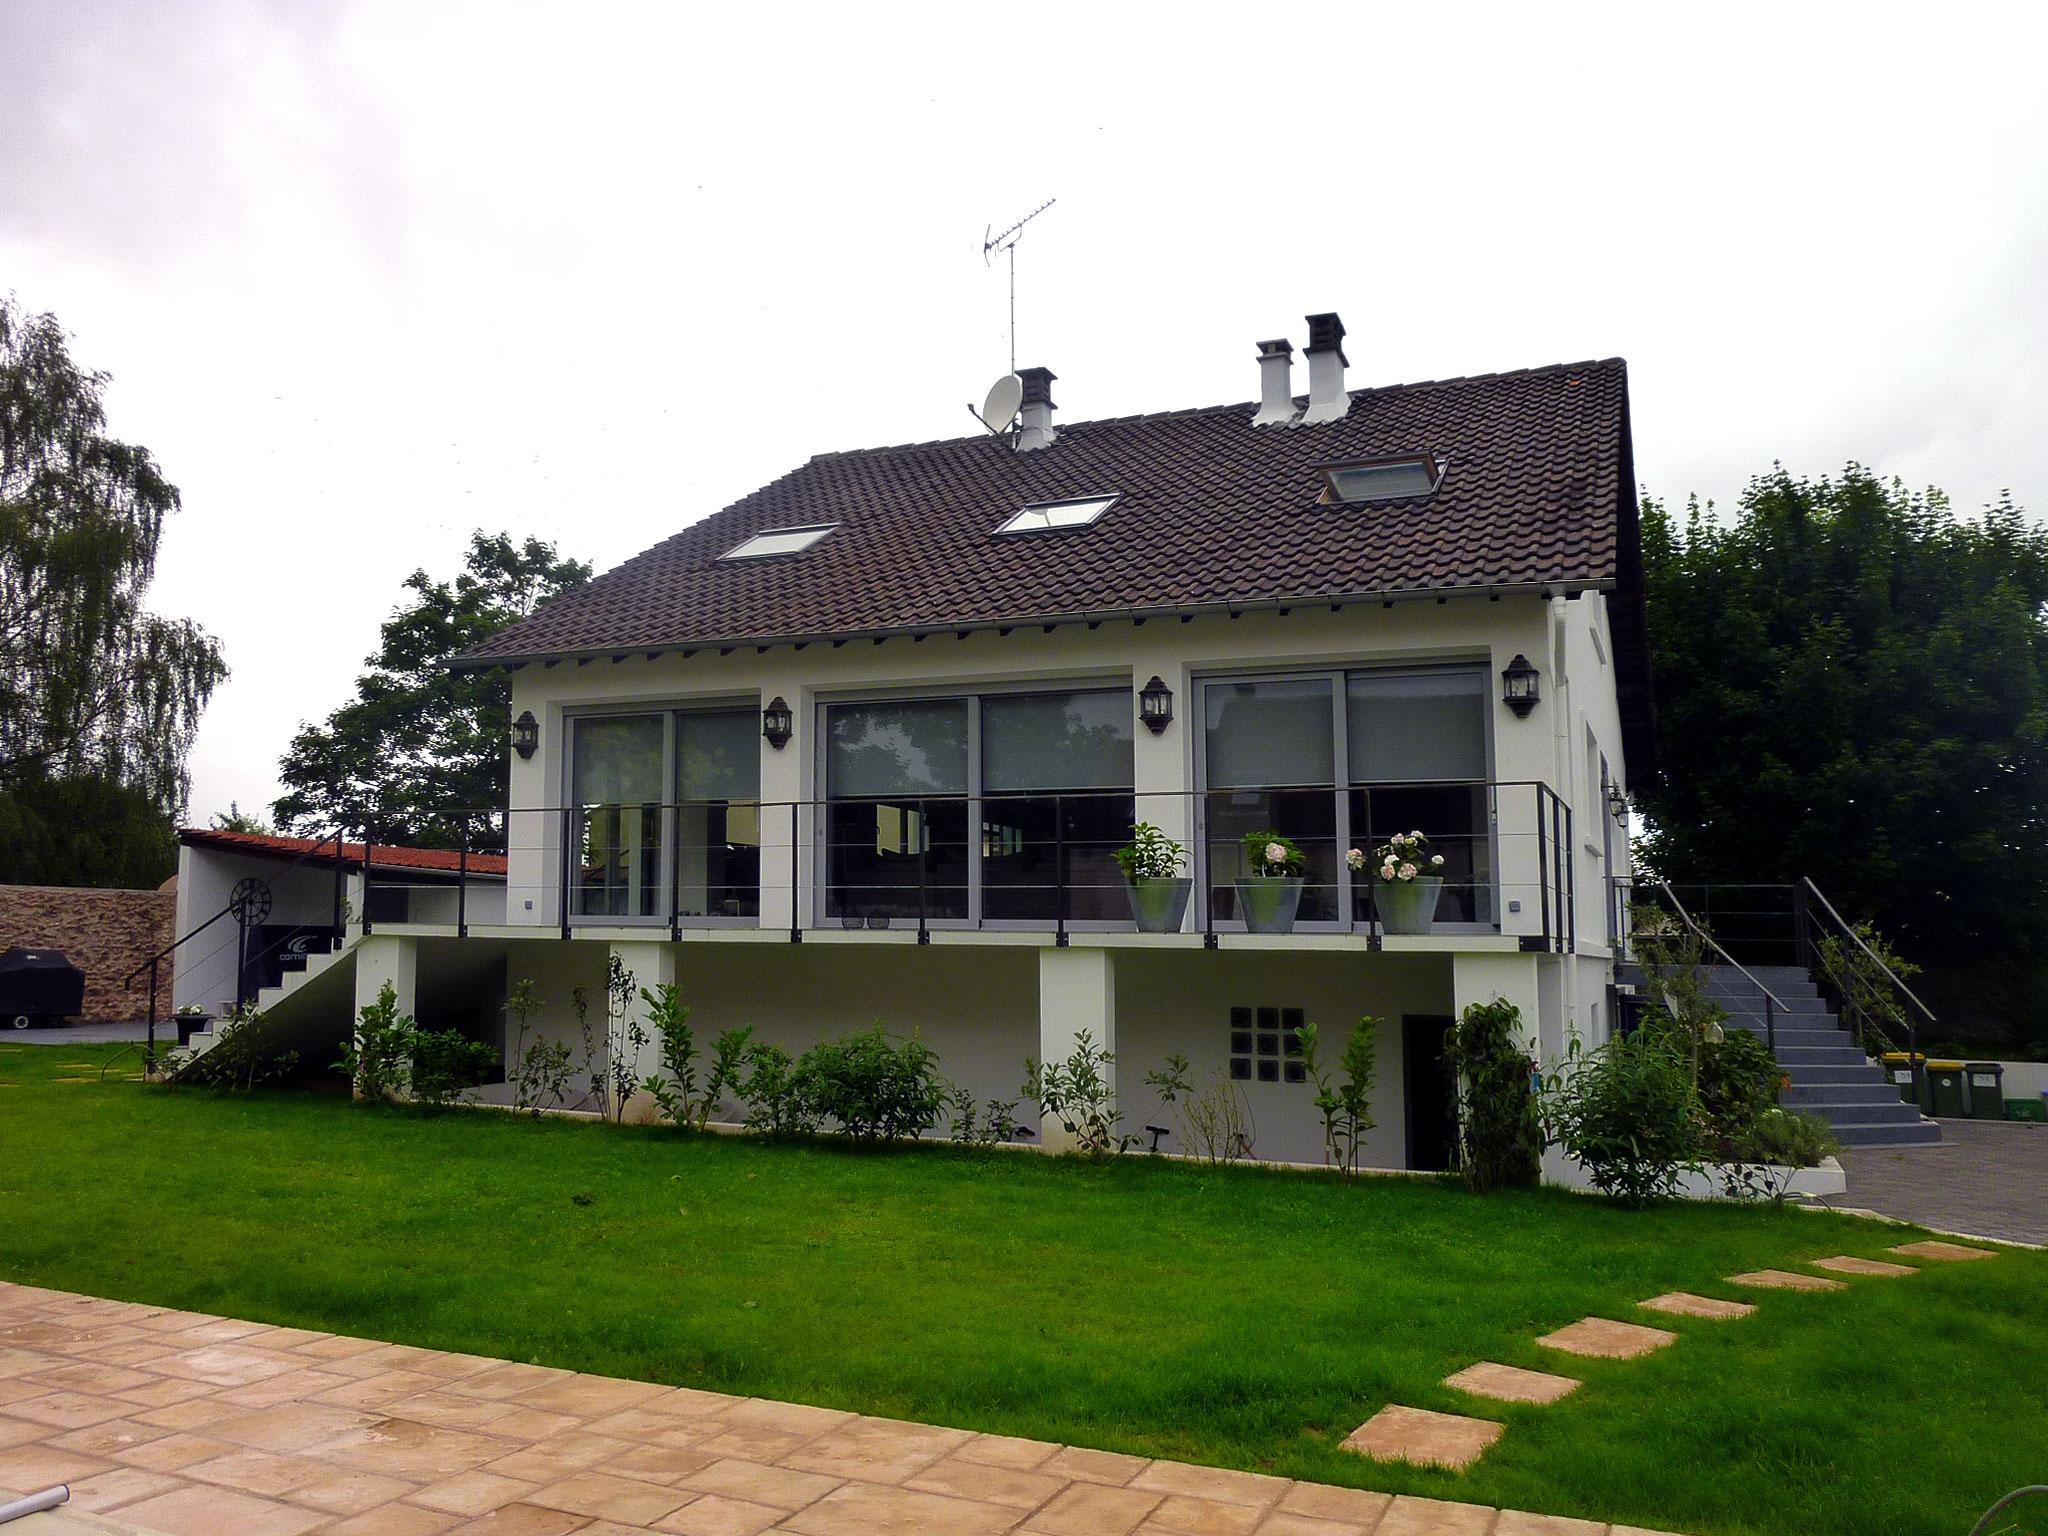 olivier-stadler-architecte-maison-noisy-le-roi (14)